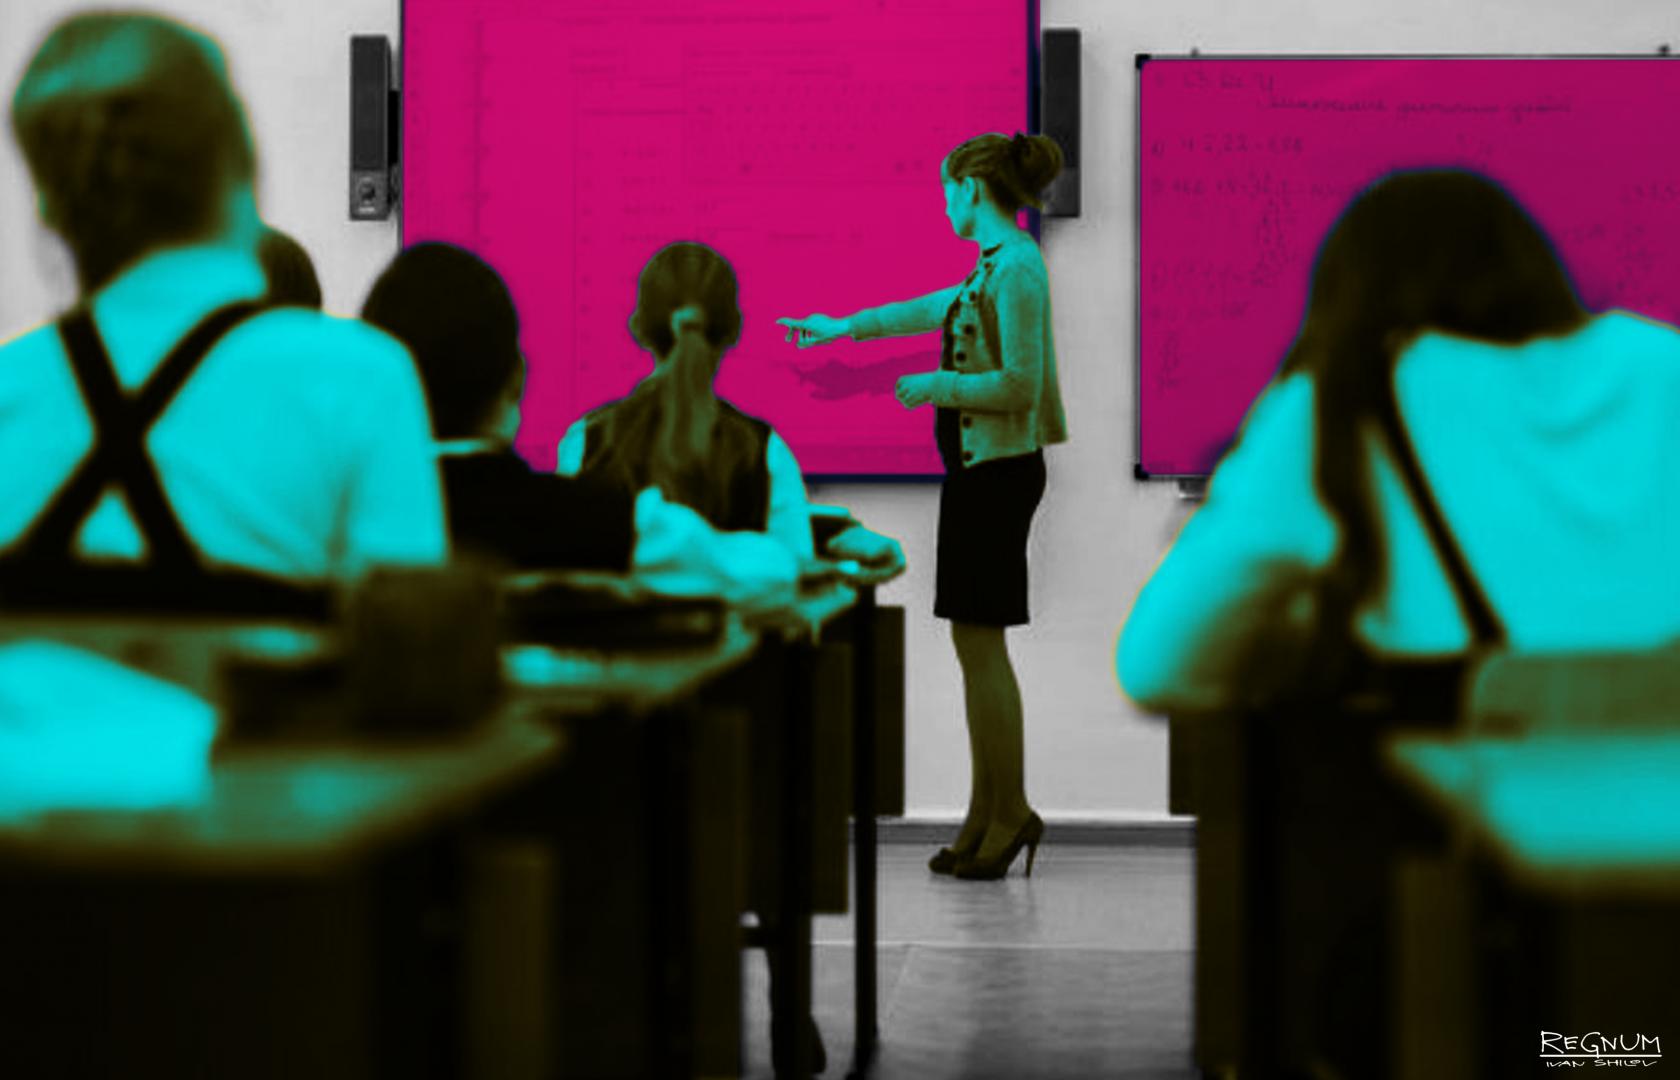 Тяжело и бессмысленно: учителя взбудоражены новыми правилами работы